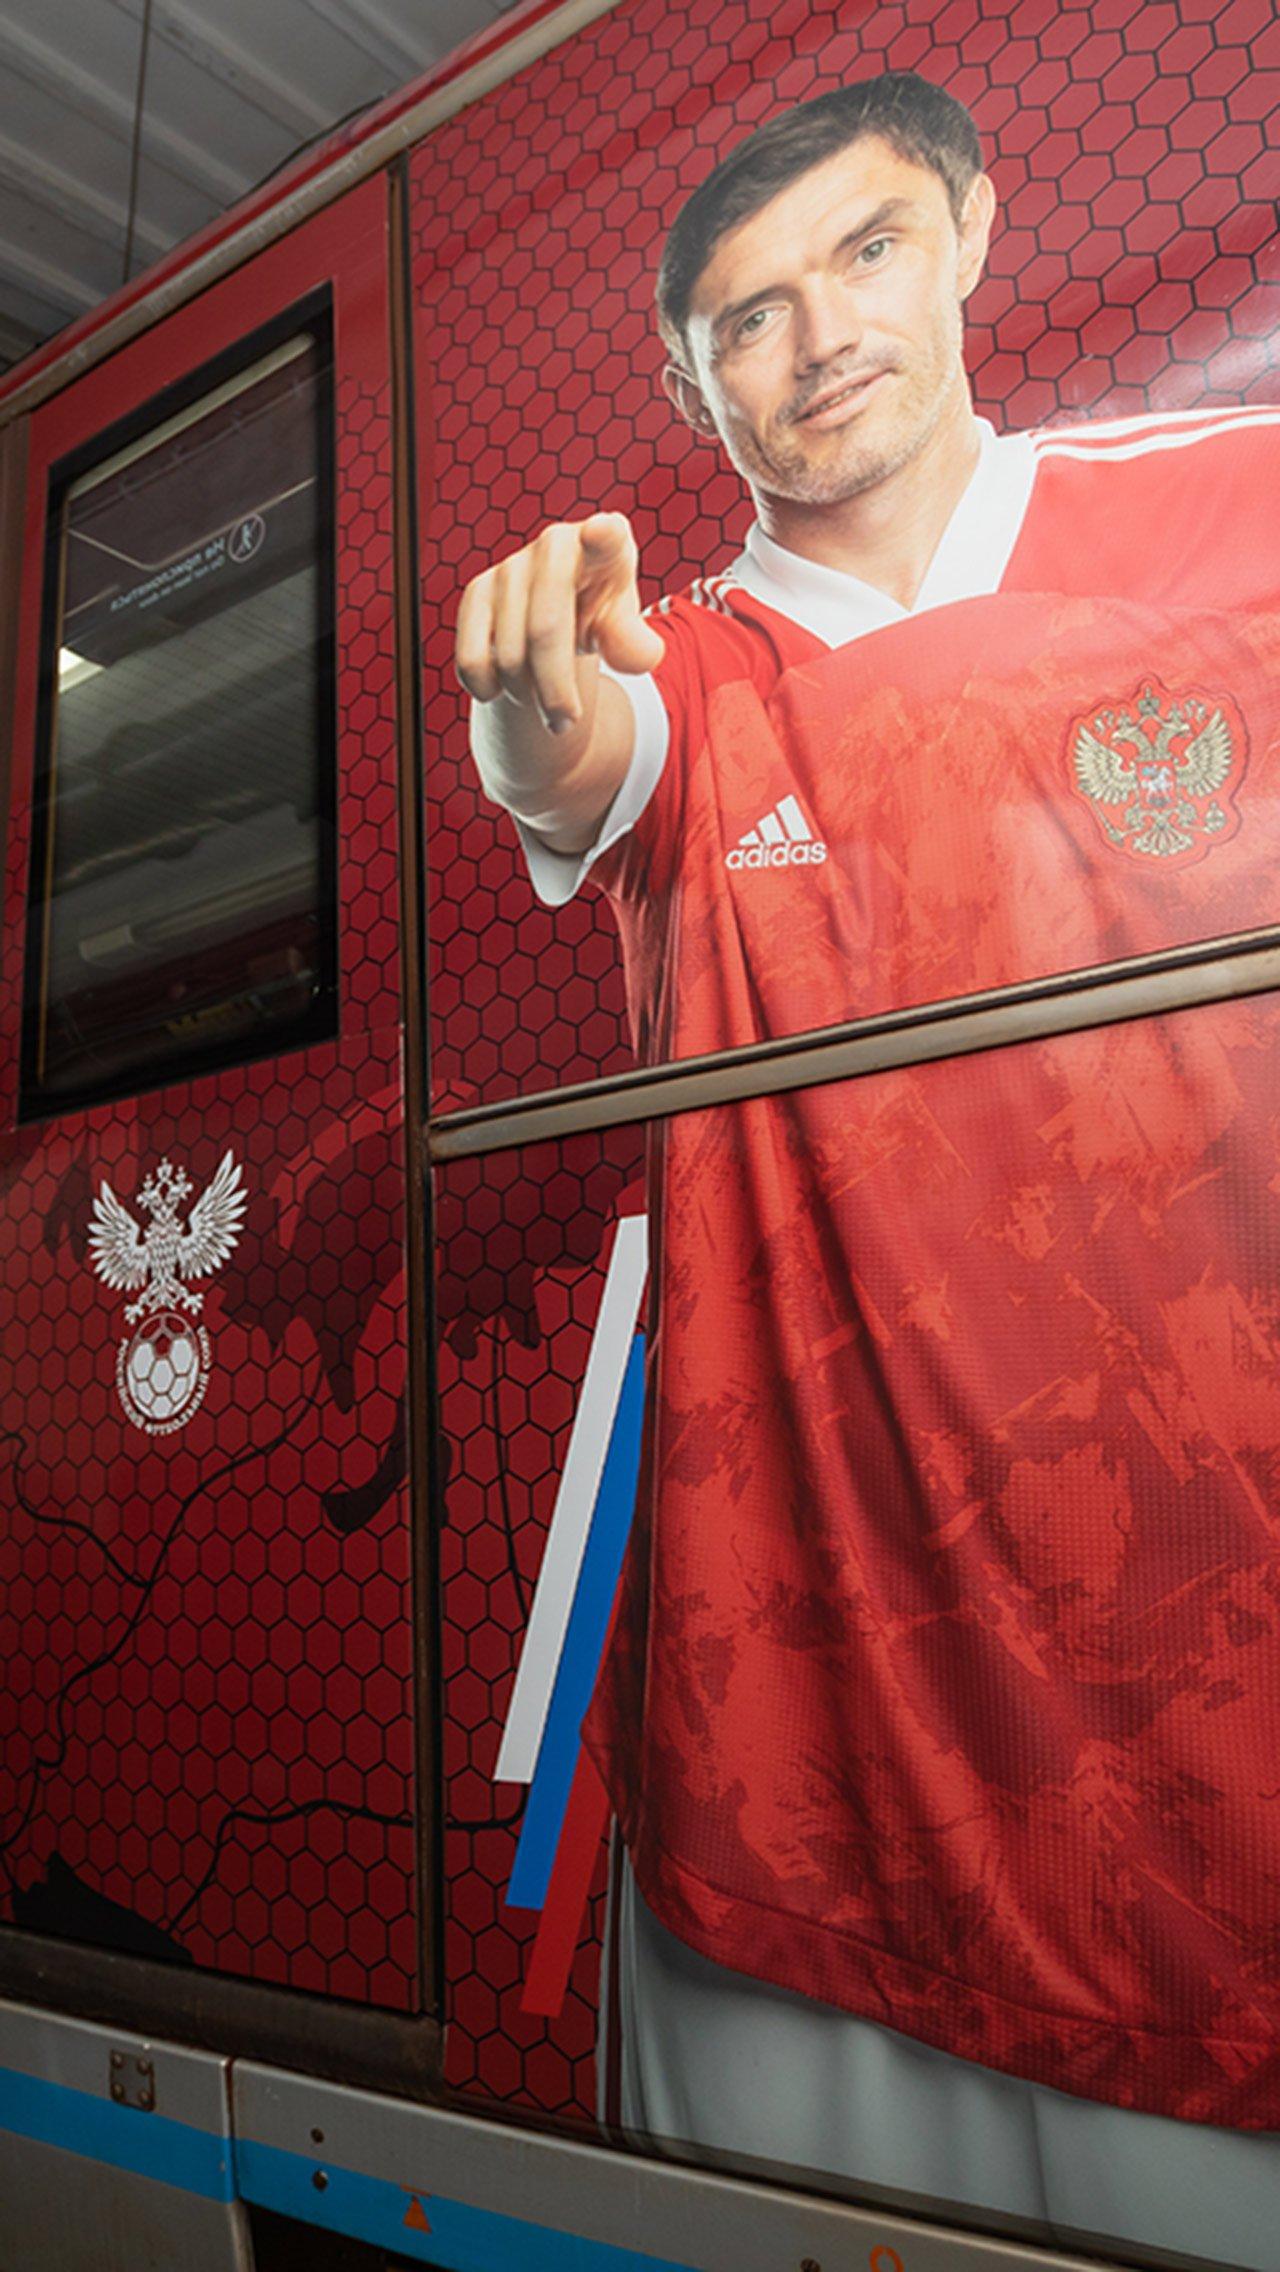 Вагоны оформлены в красном цвете и украшены фотографиями игроков.